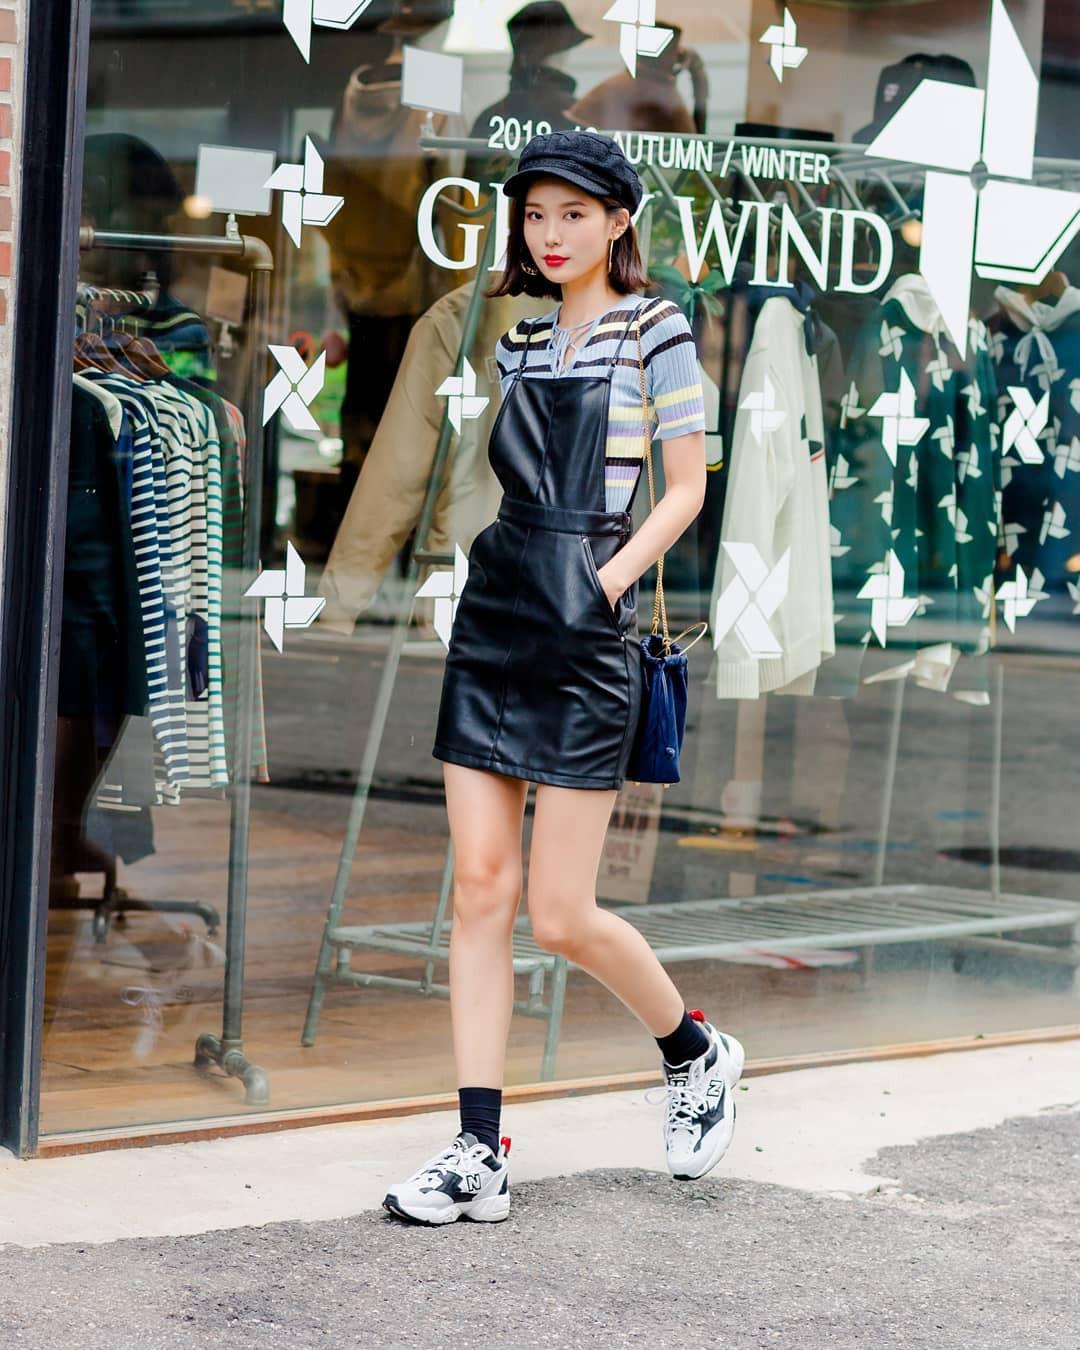 Không có lấy một set đồ bánh bèo, street style của con gái Hàn tuần qua toàn những ca cool ngầu siêu hút mắt - Ảnh 5.